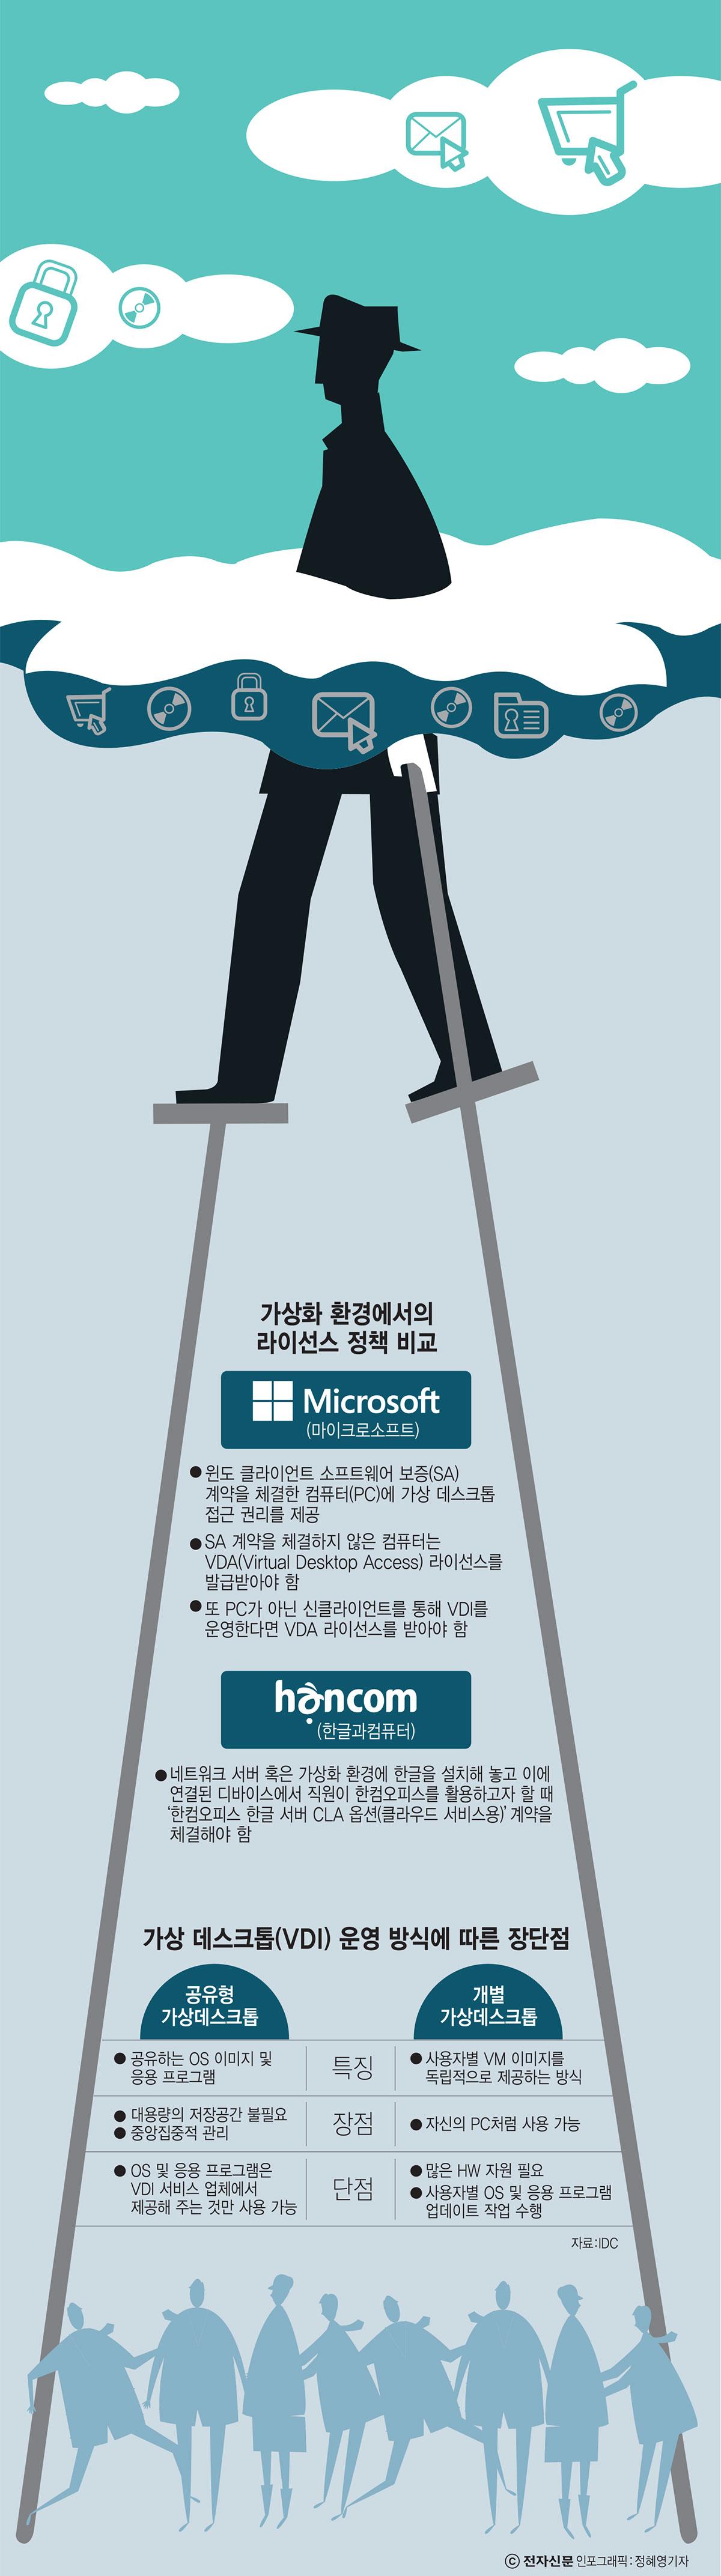 [이슈분석]SW 라이선스, 가상화 업계 `화약고`